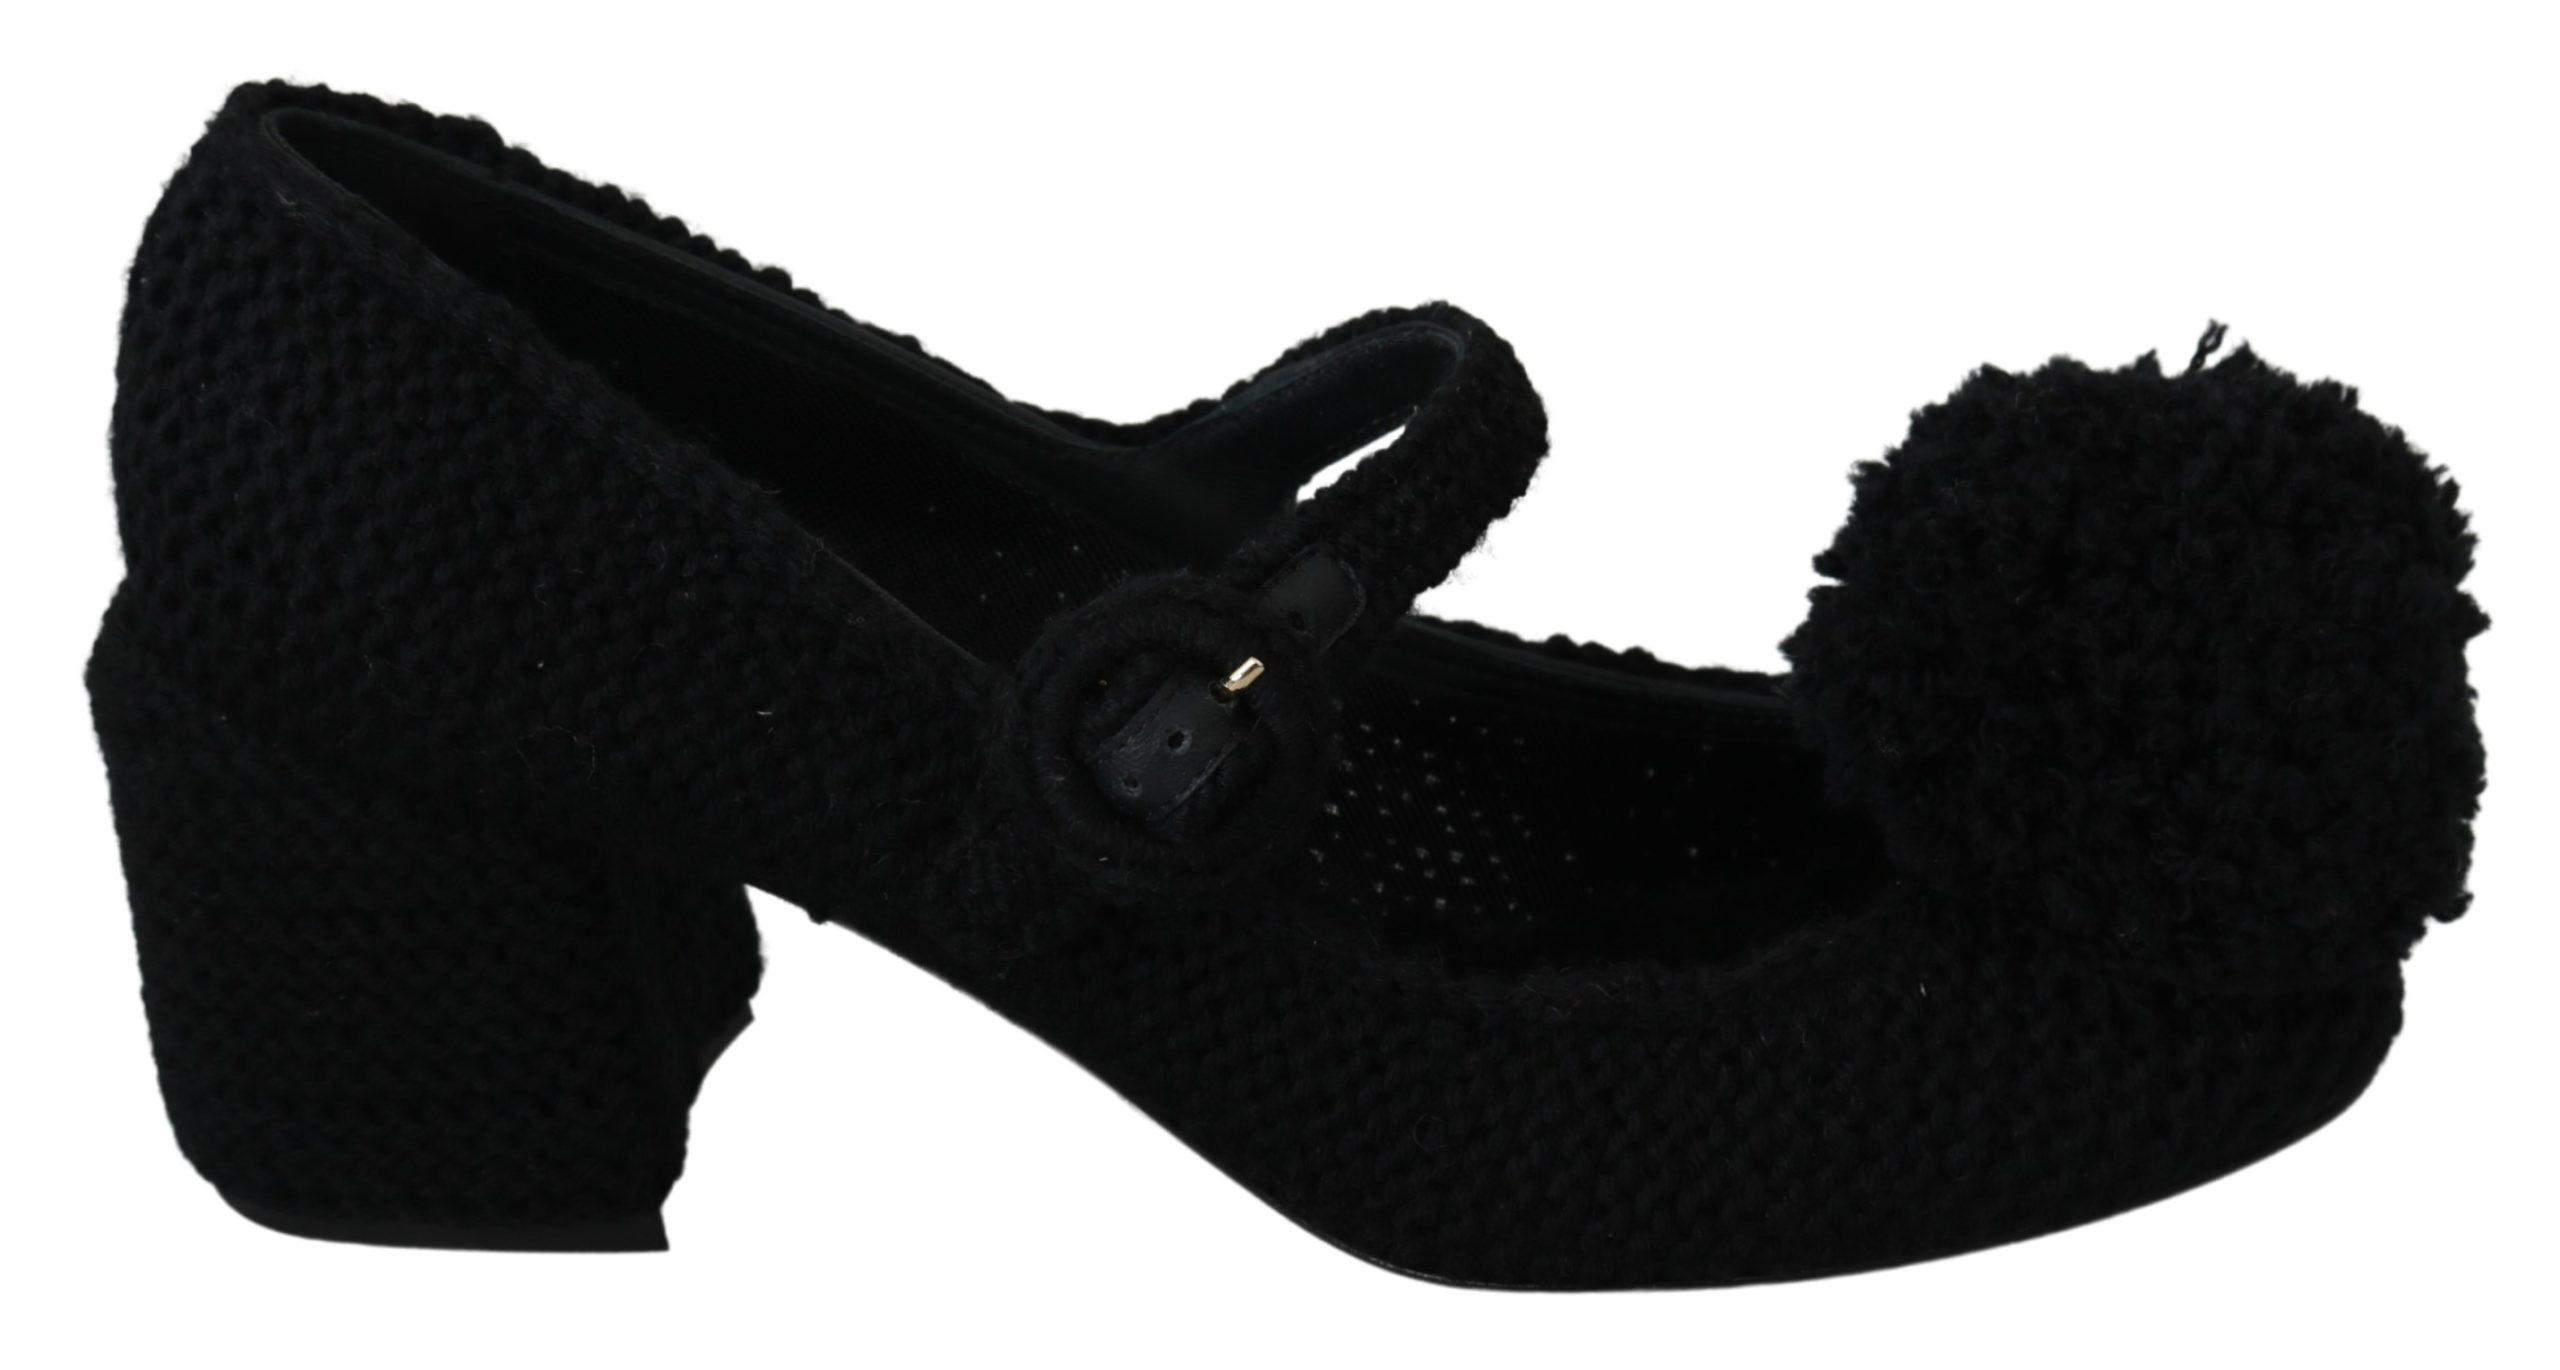 Dolce & Gabbana Women's Pom Pom Mary Jane Pumps Black LA6890 - EU39/US8.5